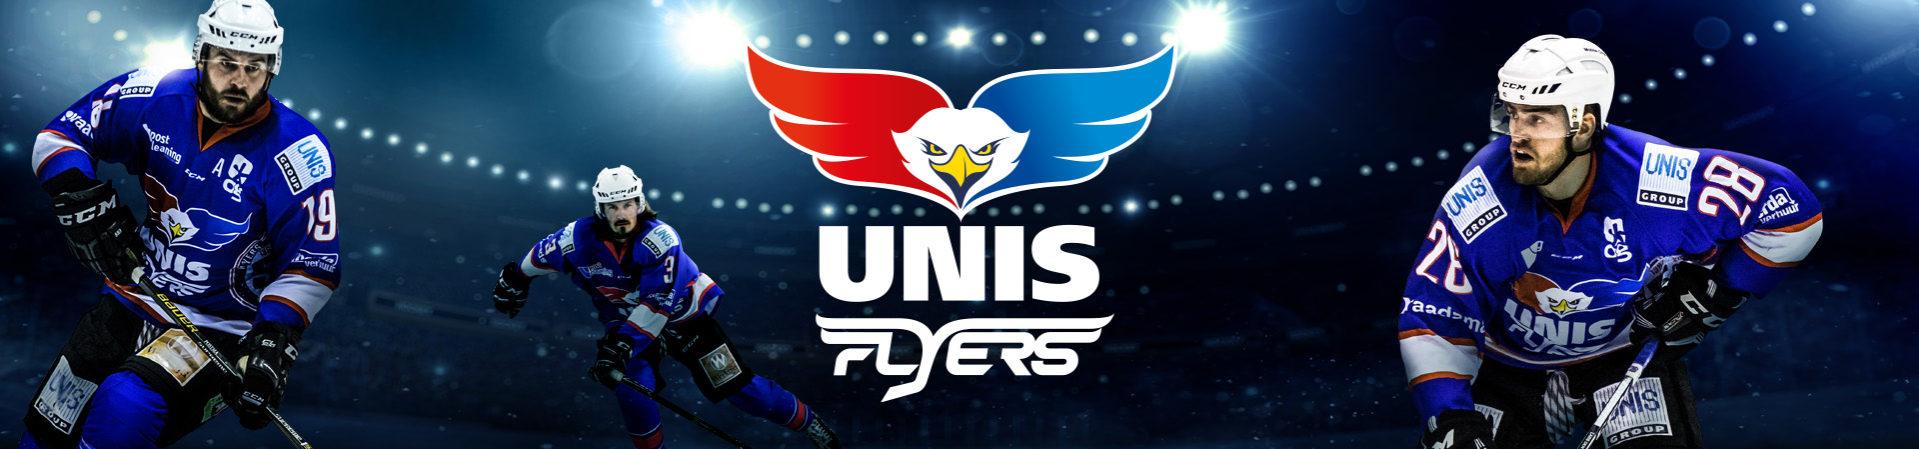 UNIS Flyers 2018/2019